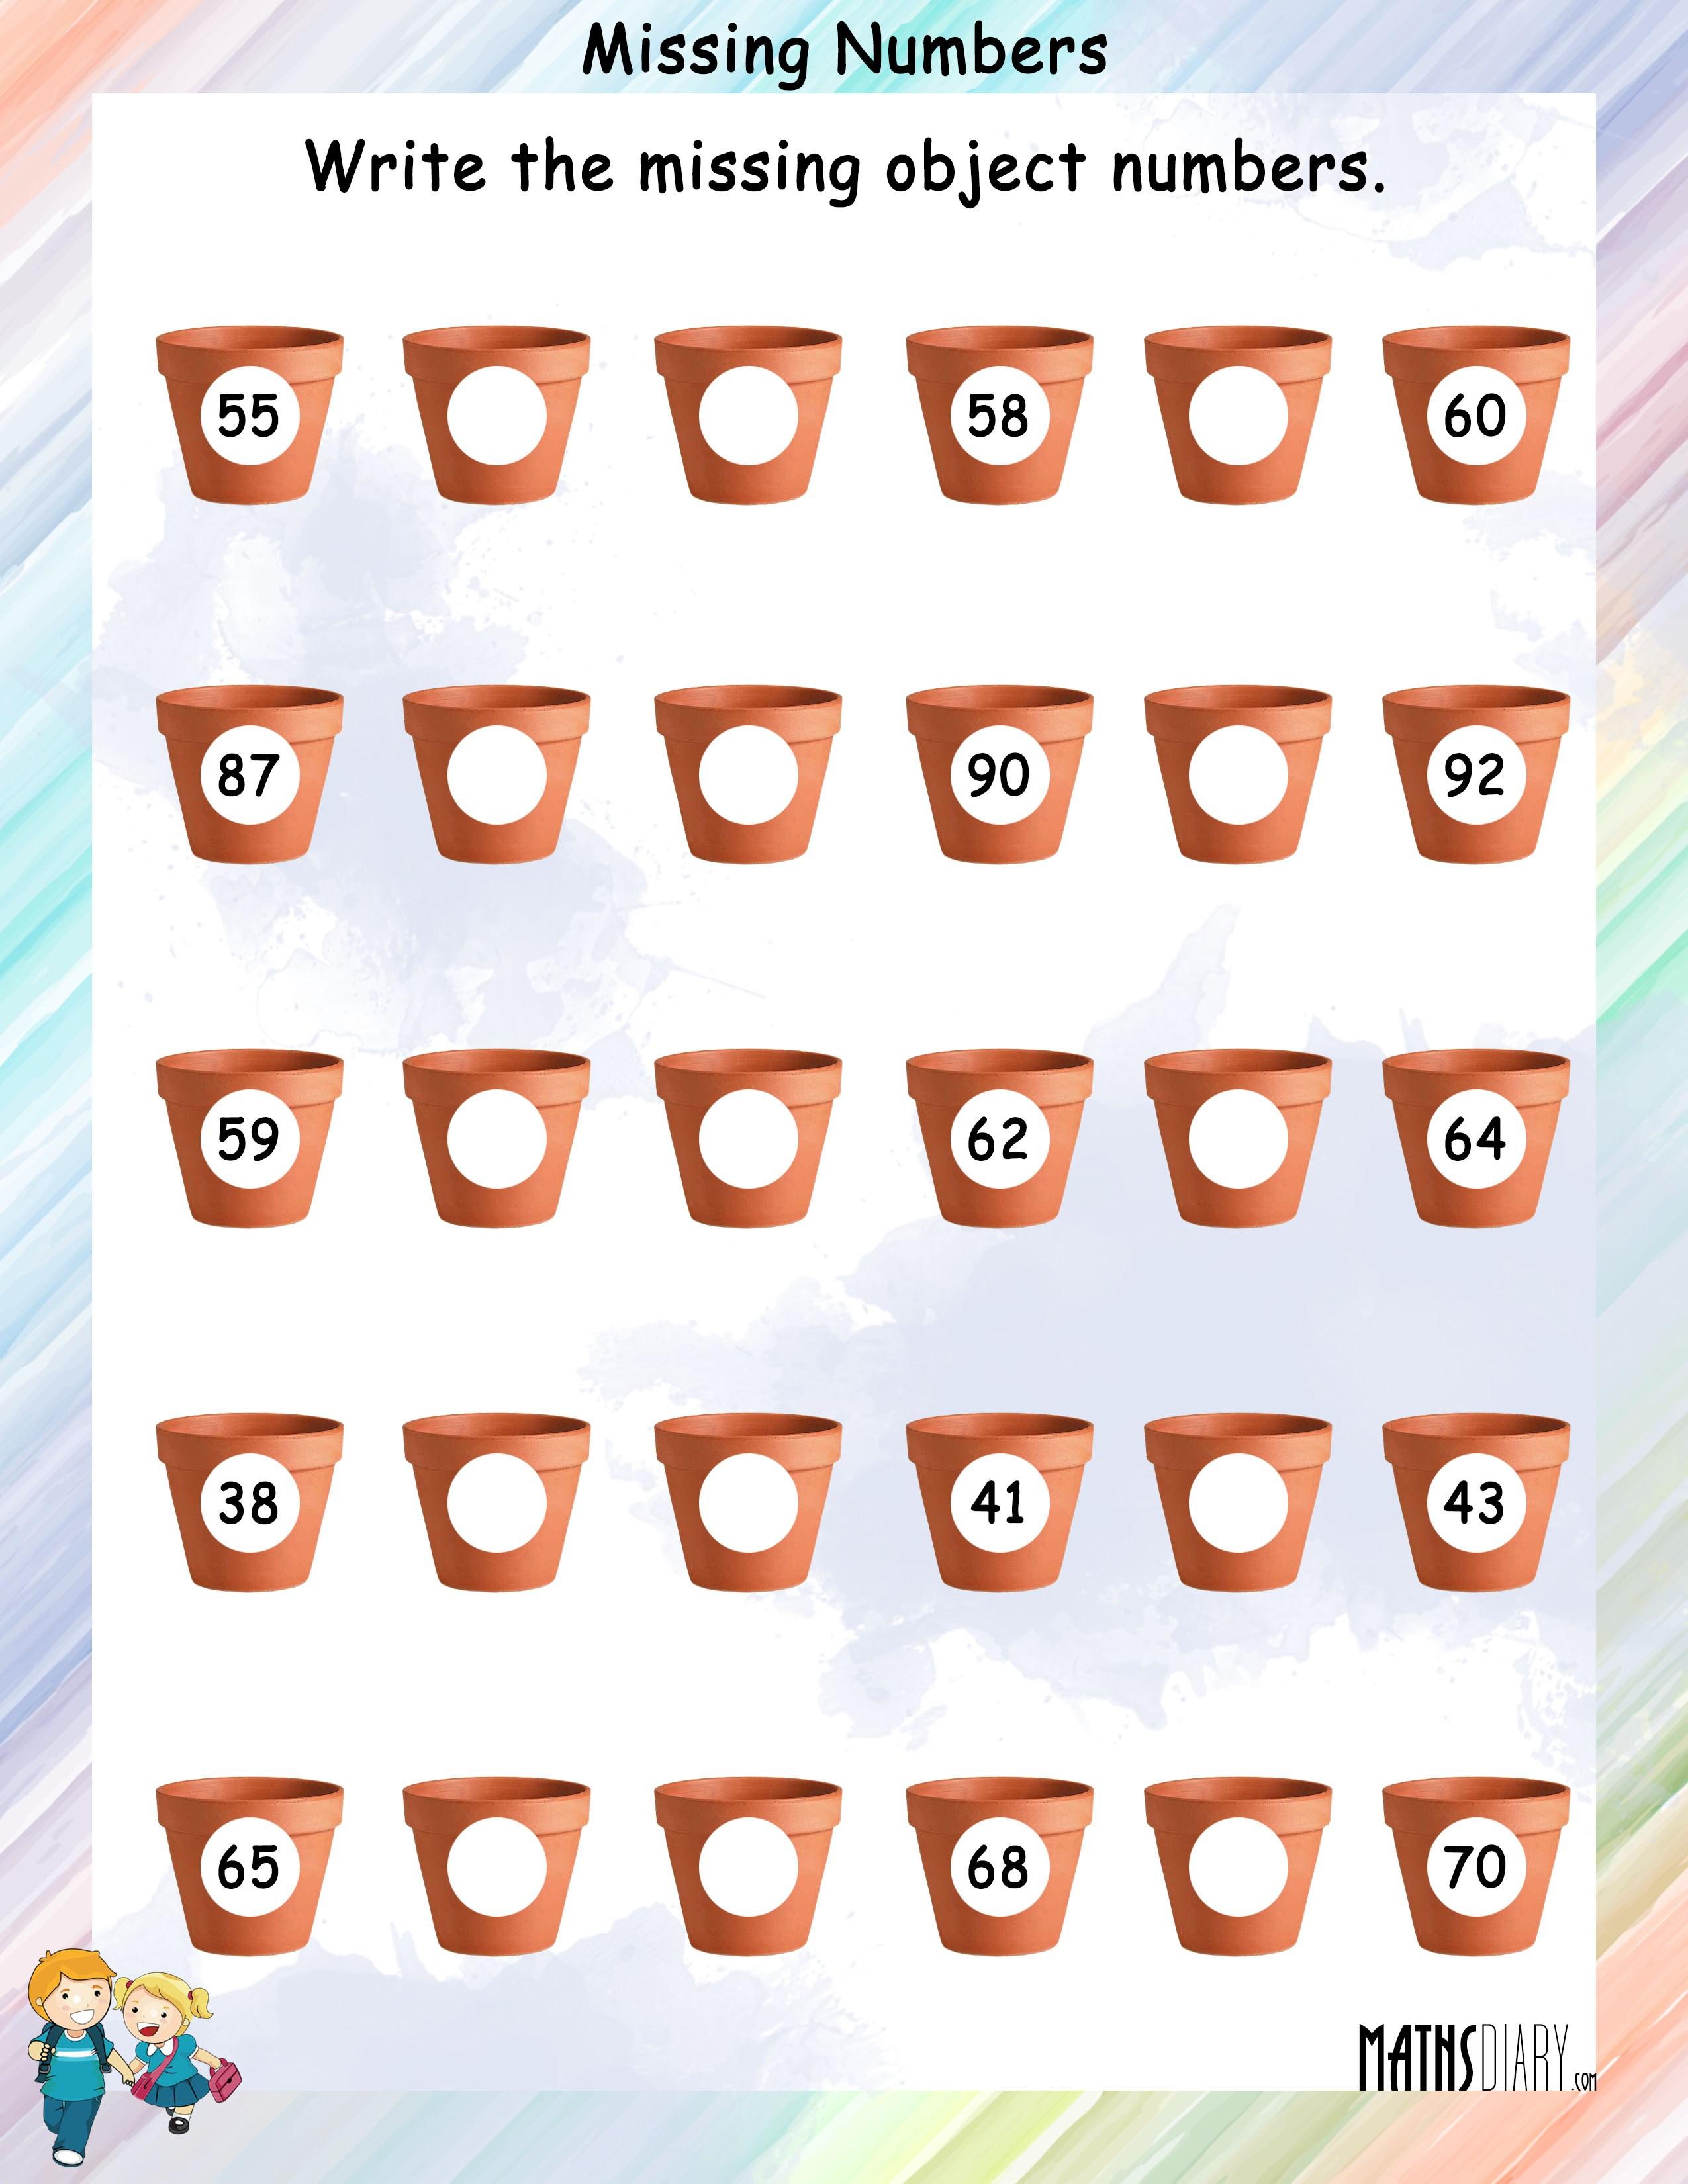 worksheet Find The Missing Number Worksheet find the missing numbers mathsdiary com in pot worksheet 5